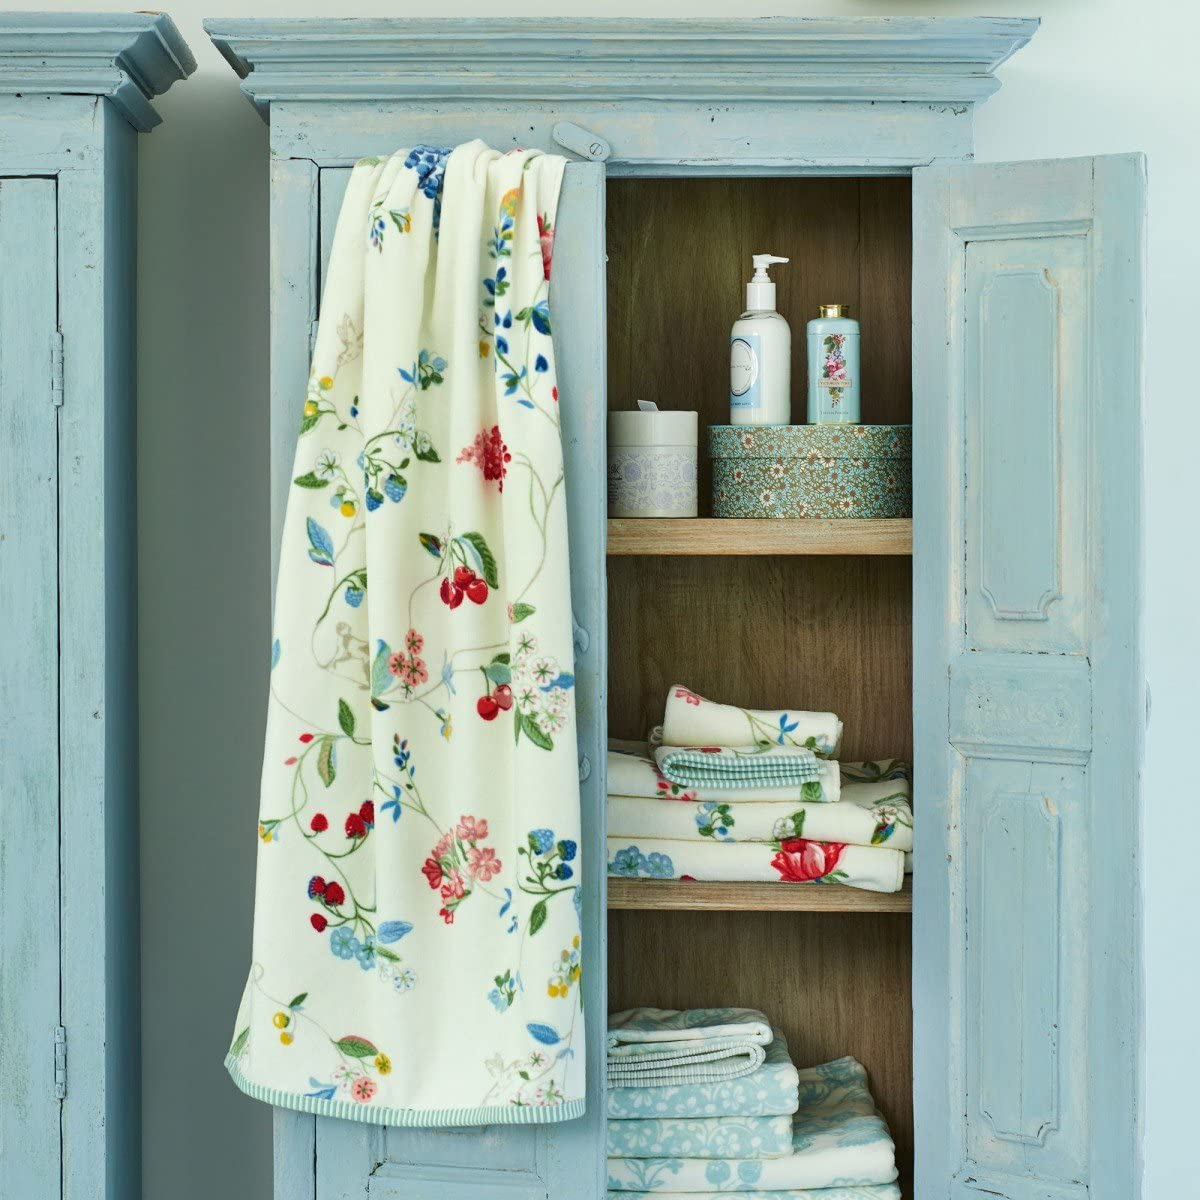 PIP STUDIO Serviette De Toilette Humming Birds Blanc Couleur 55x100 Taille Star White